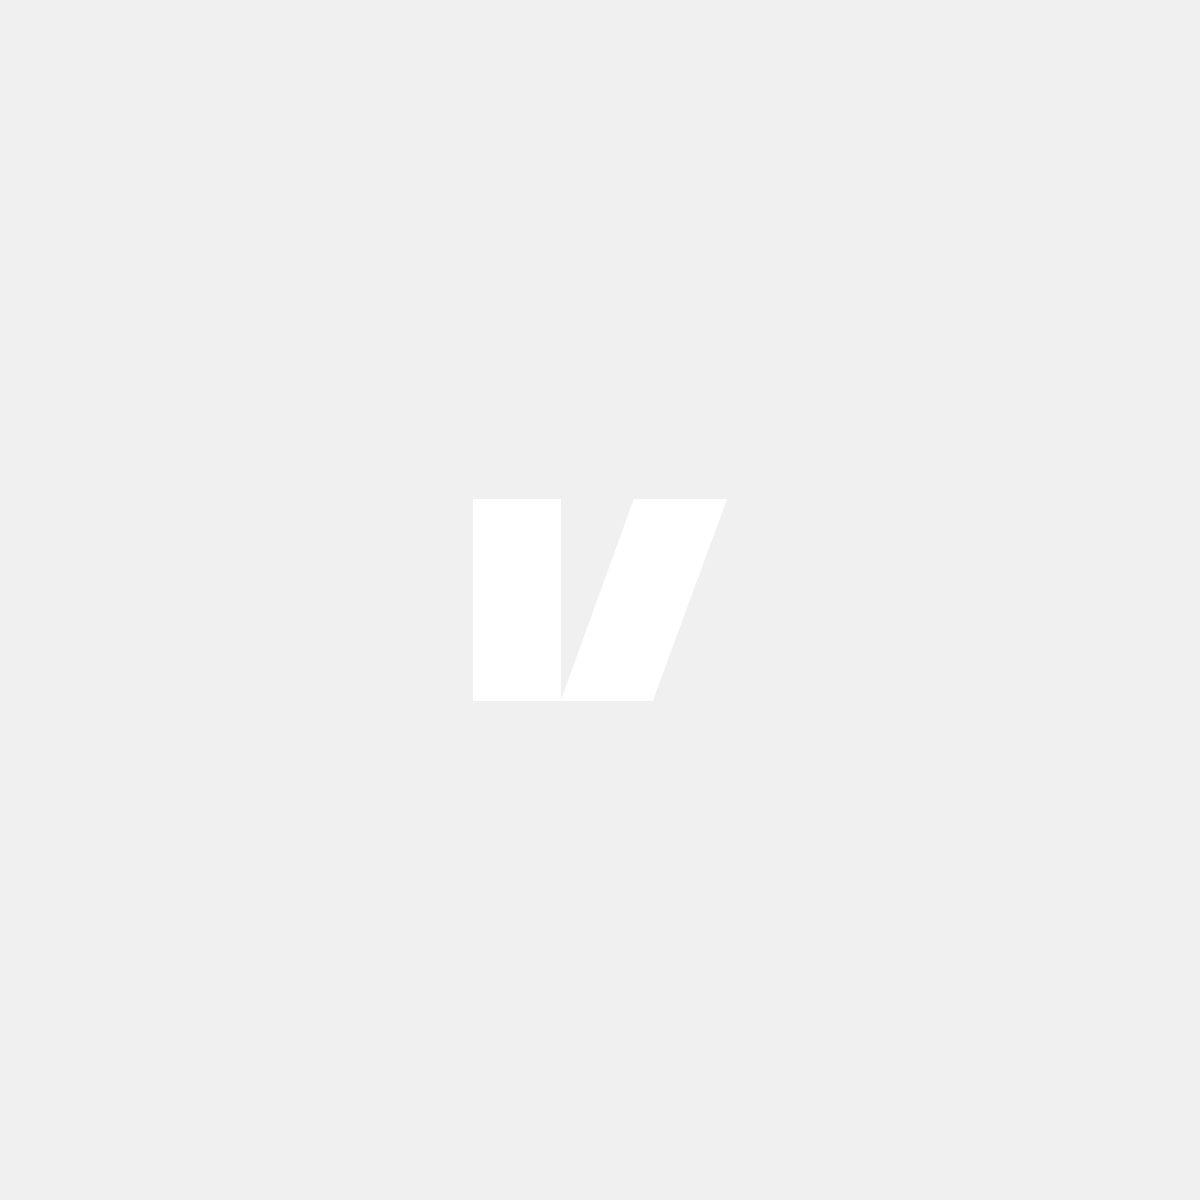 Mattkromade backspegelkåpor till Volvo S40, V50, C30, C70, S80, V70